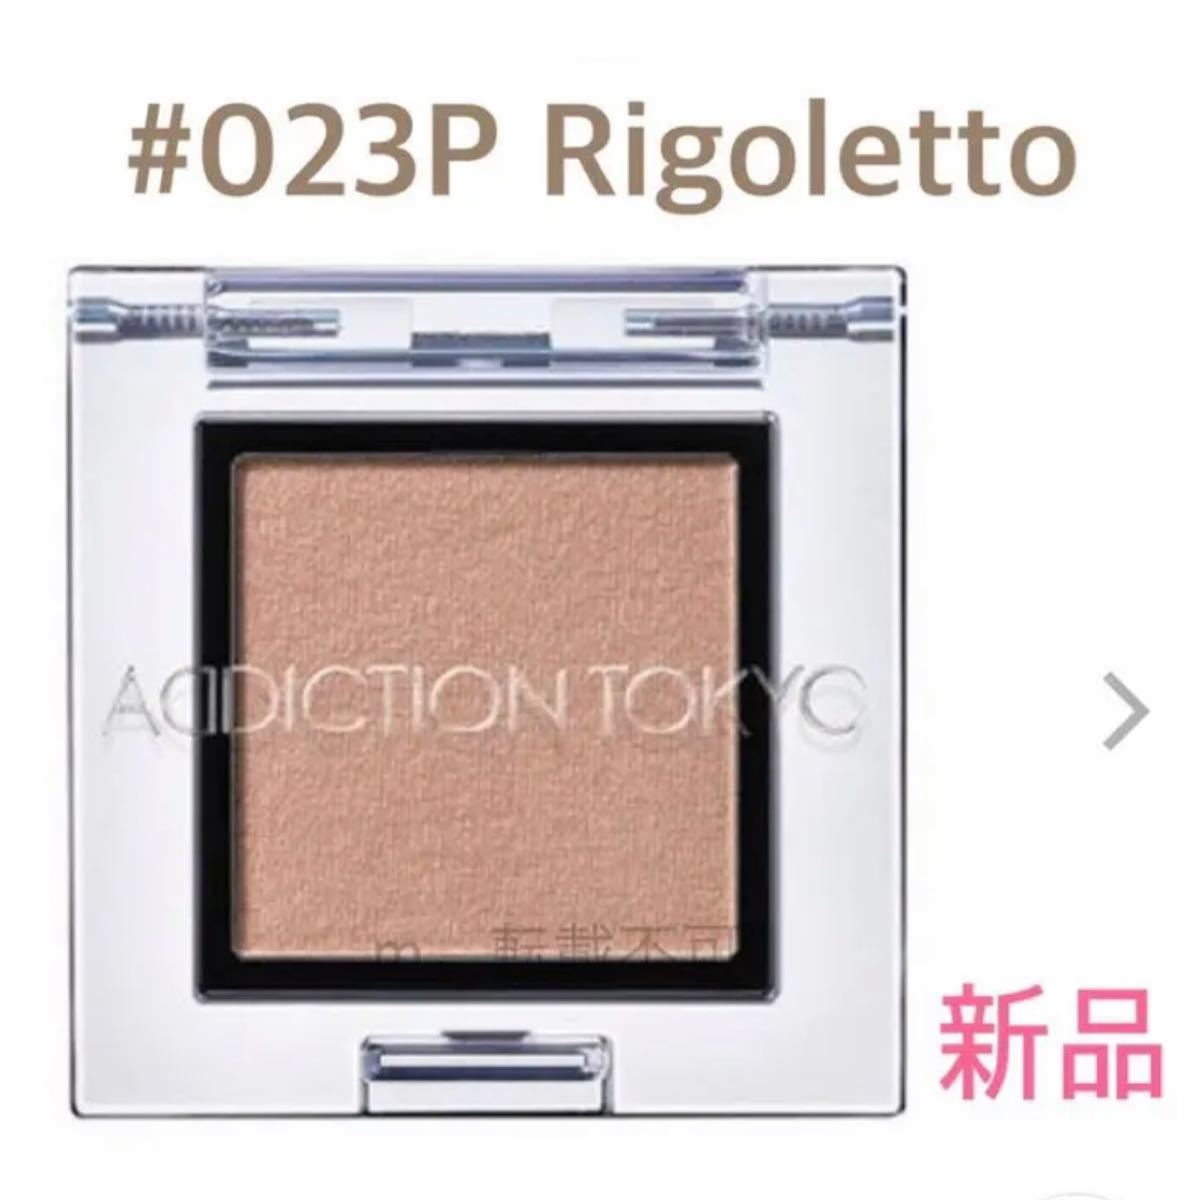 ADDICTION アディクション ザ アイシャドウ #023P Rigoletto リゴレット 新品